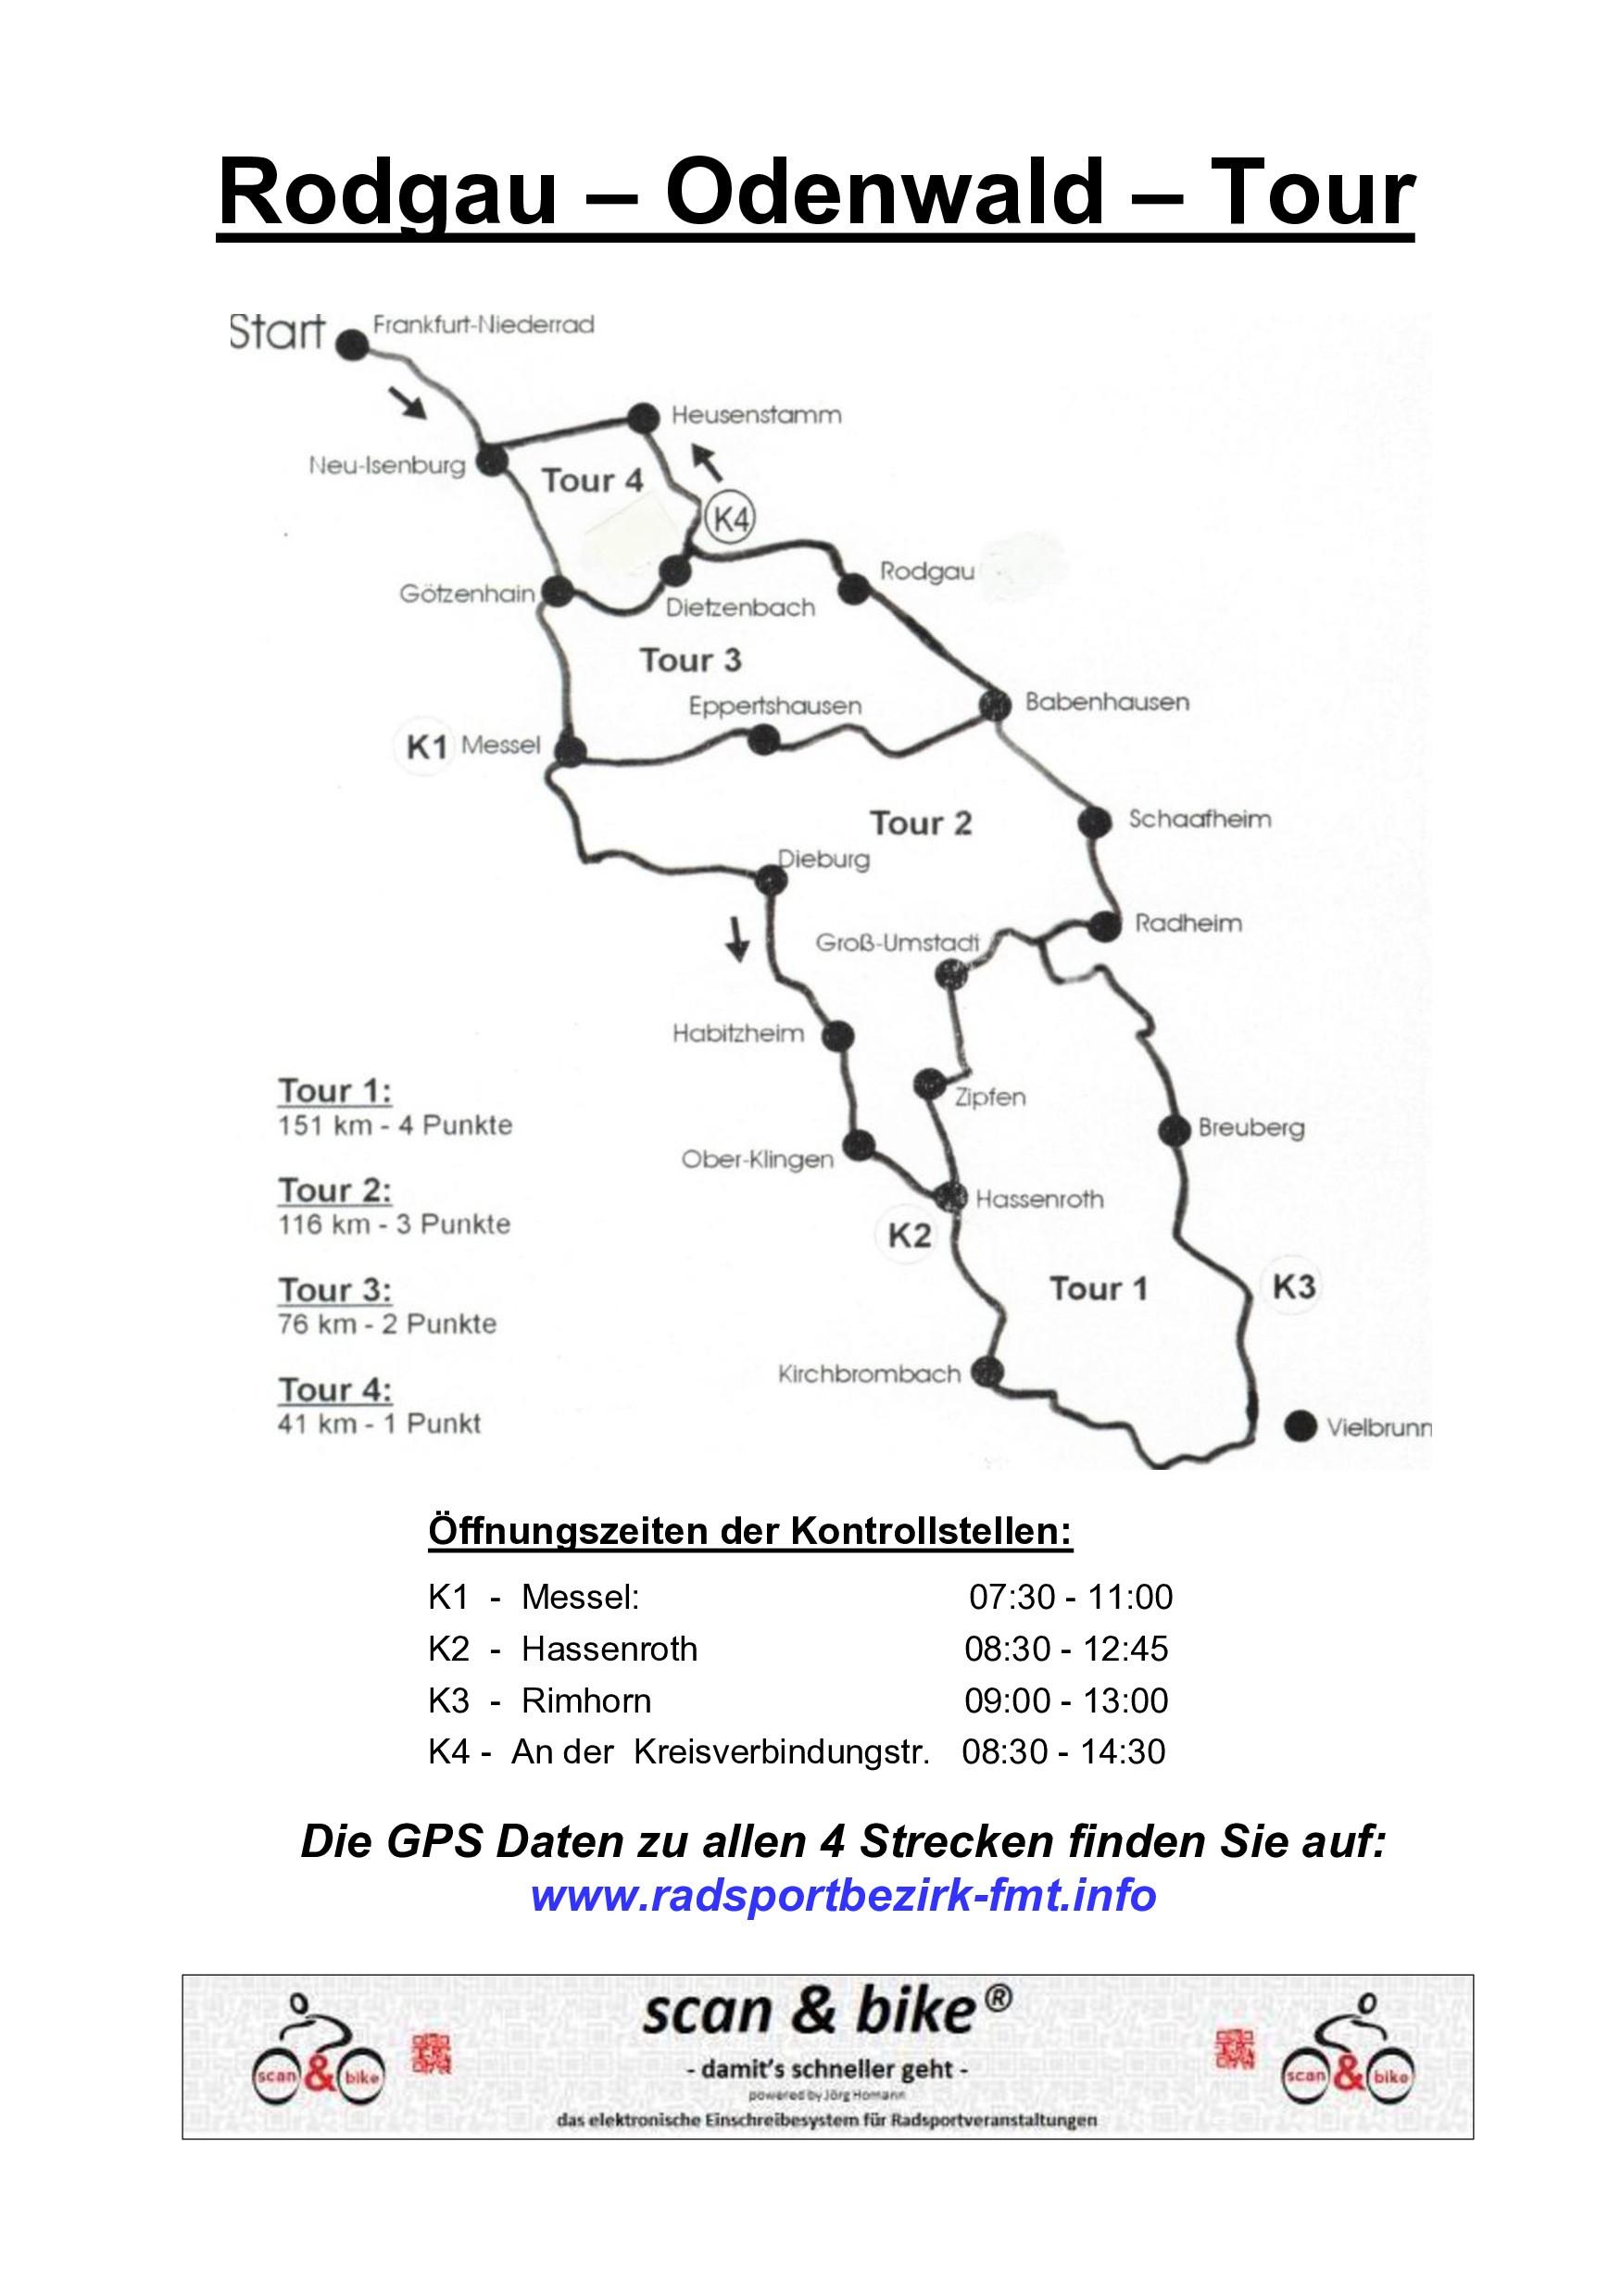 20190414_Odenwaldtour_BezirkFMT_Flyer_4